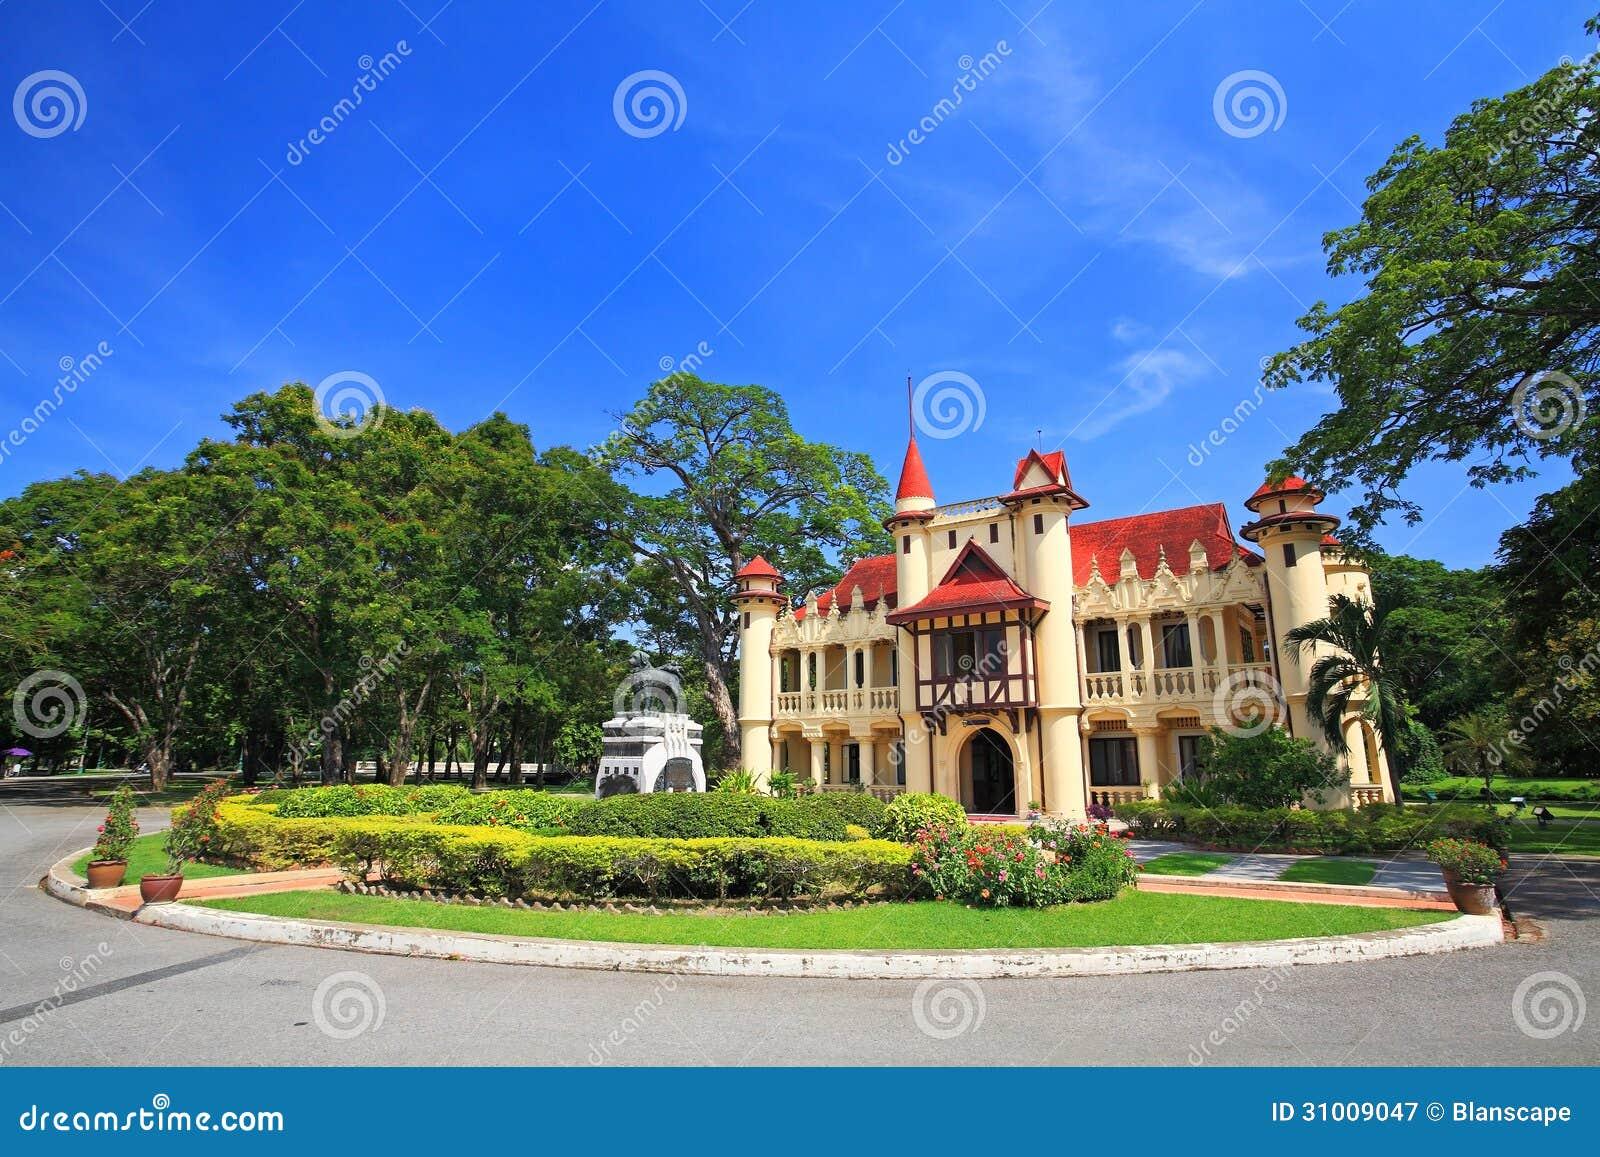 Chali Mongkol Asana Of Sanam Chan Palace In Nakhon Pathom ...